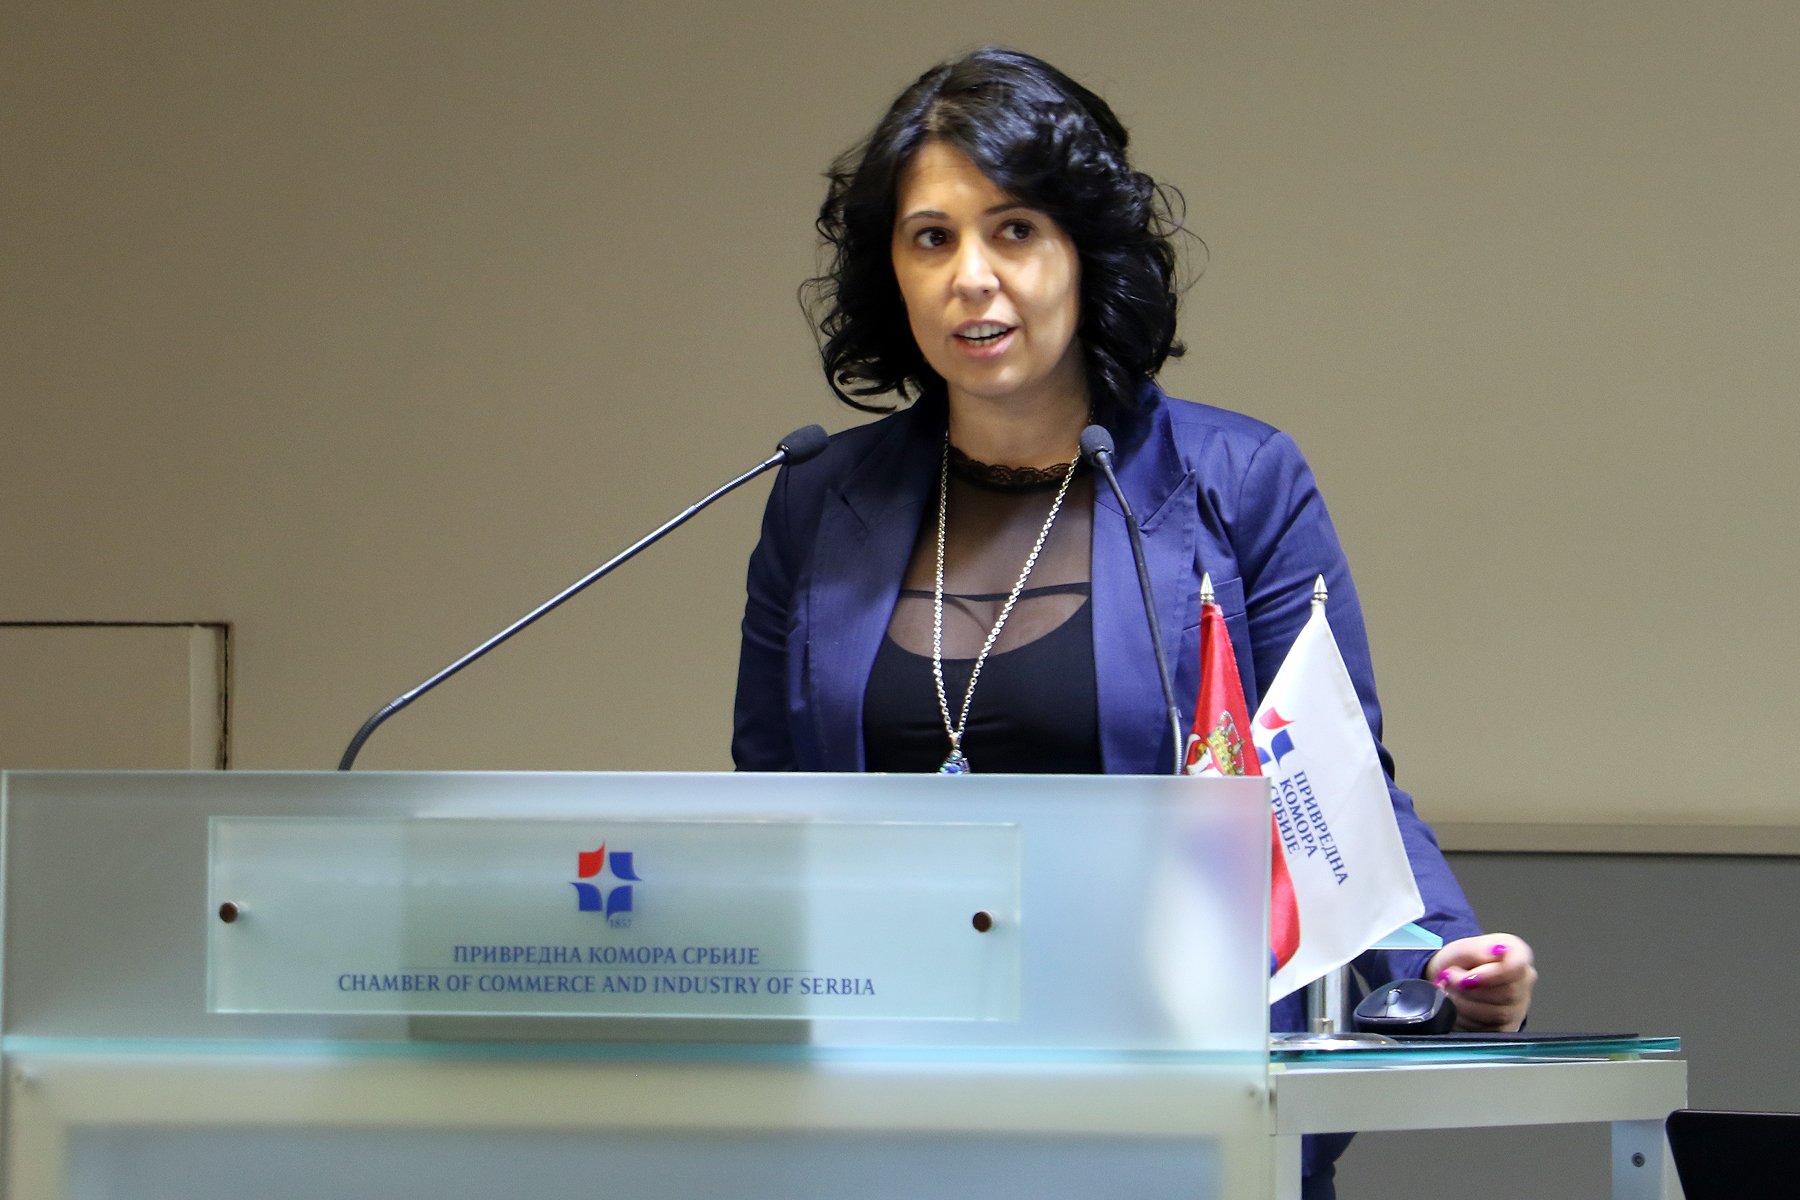 Predsednica opštine Svrljig Jelena Trifunović, foto: M. Miladinović